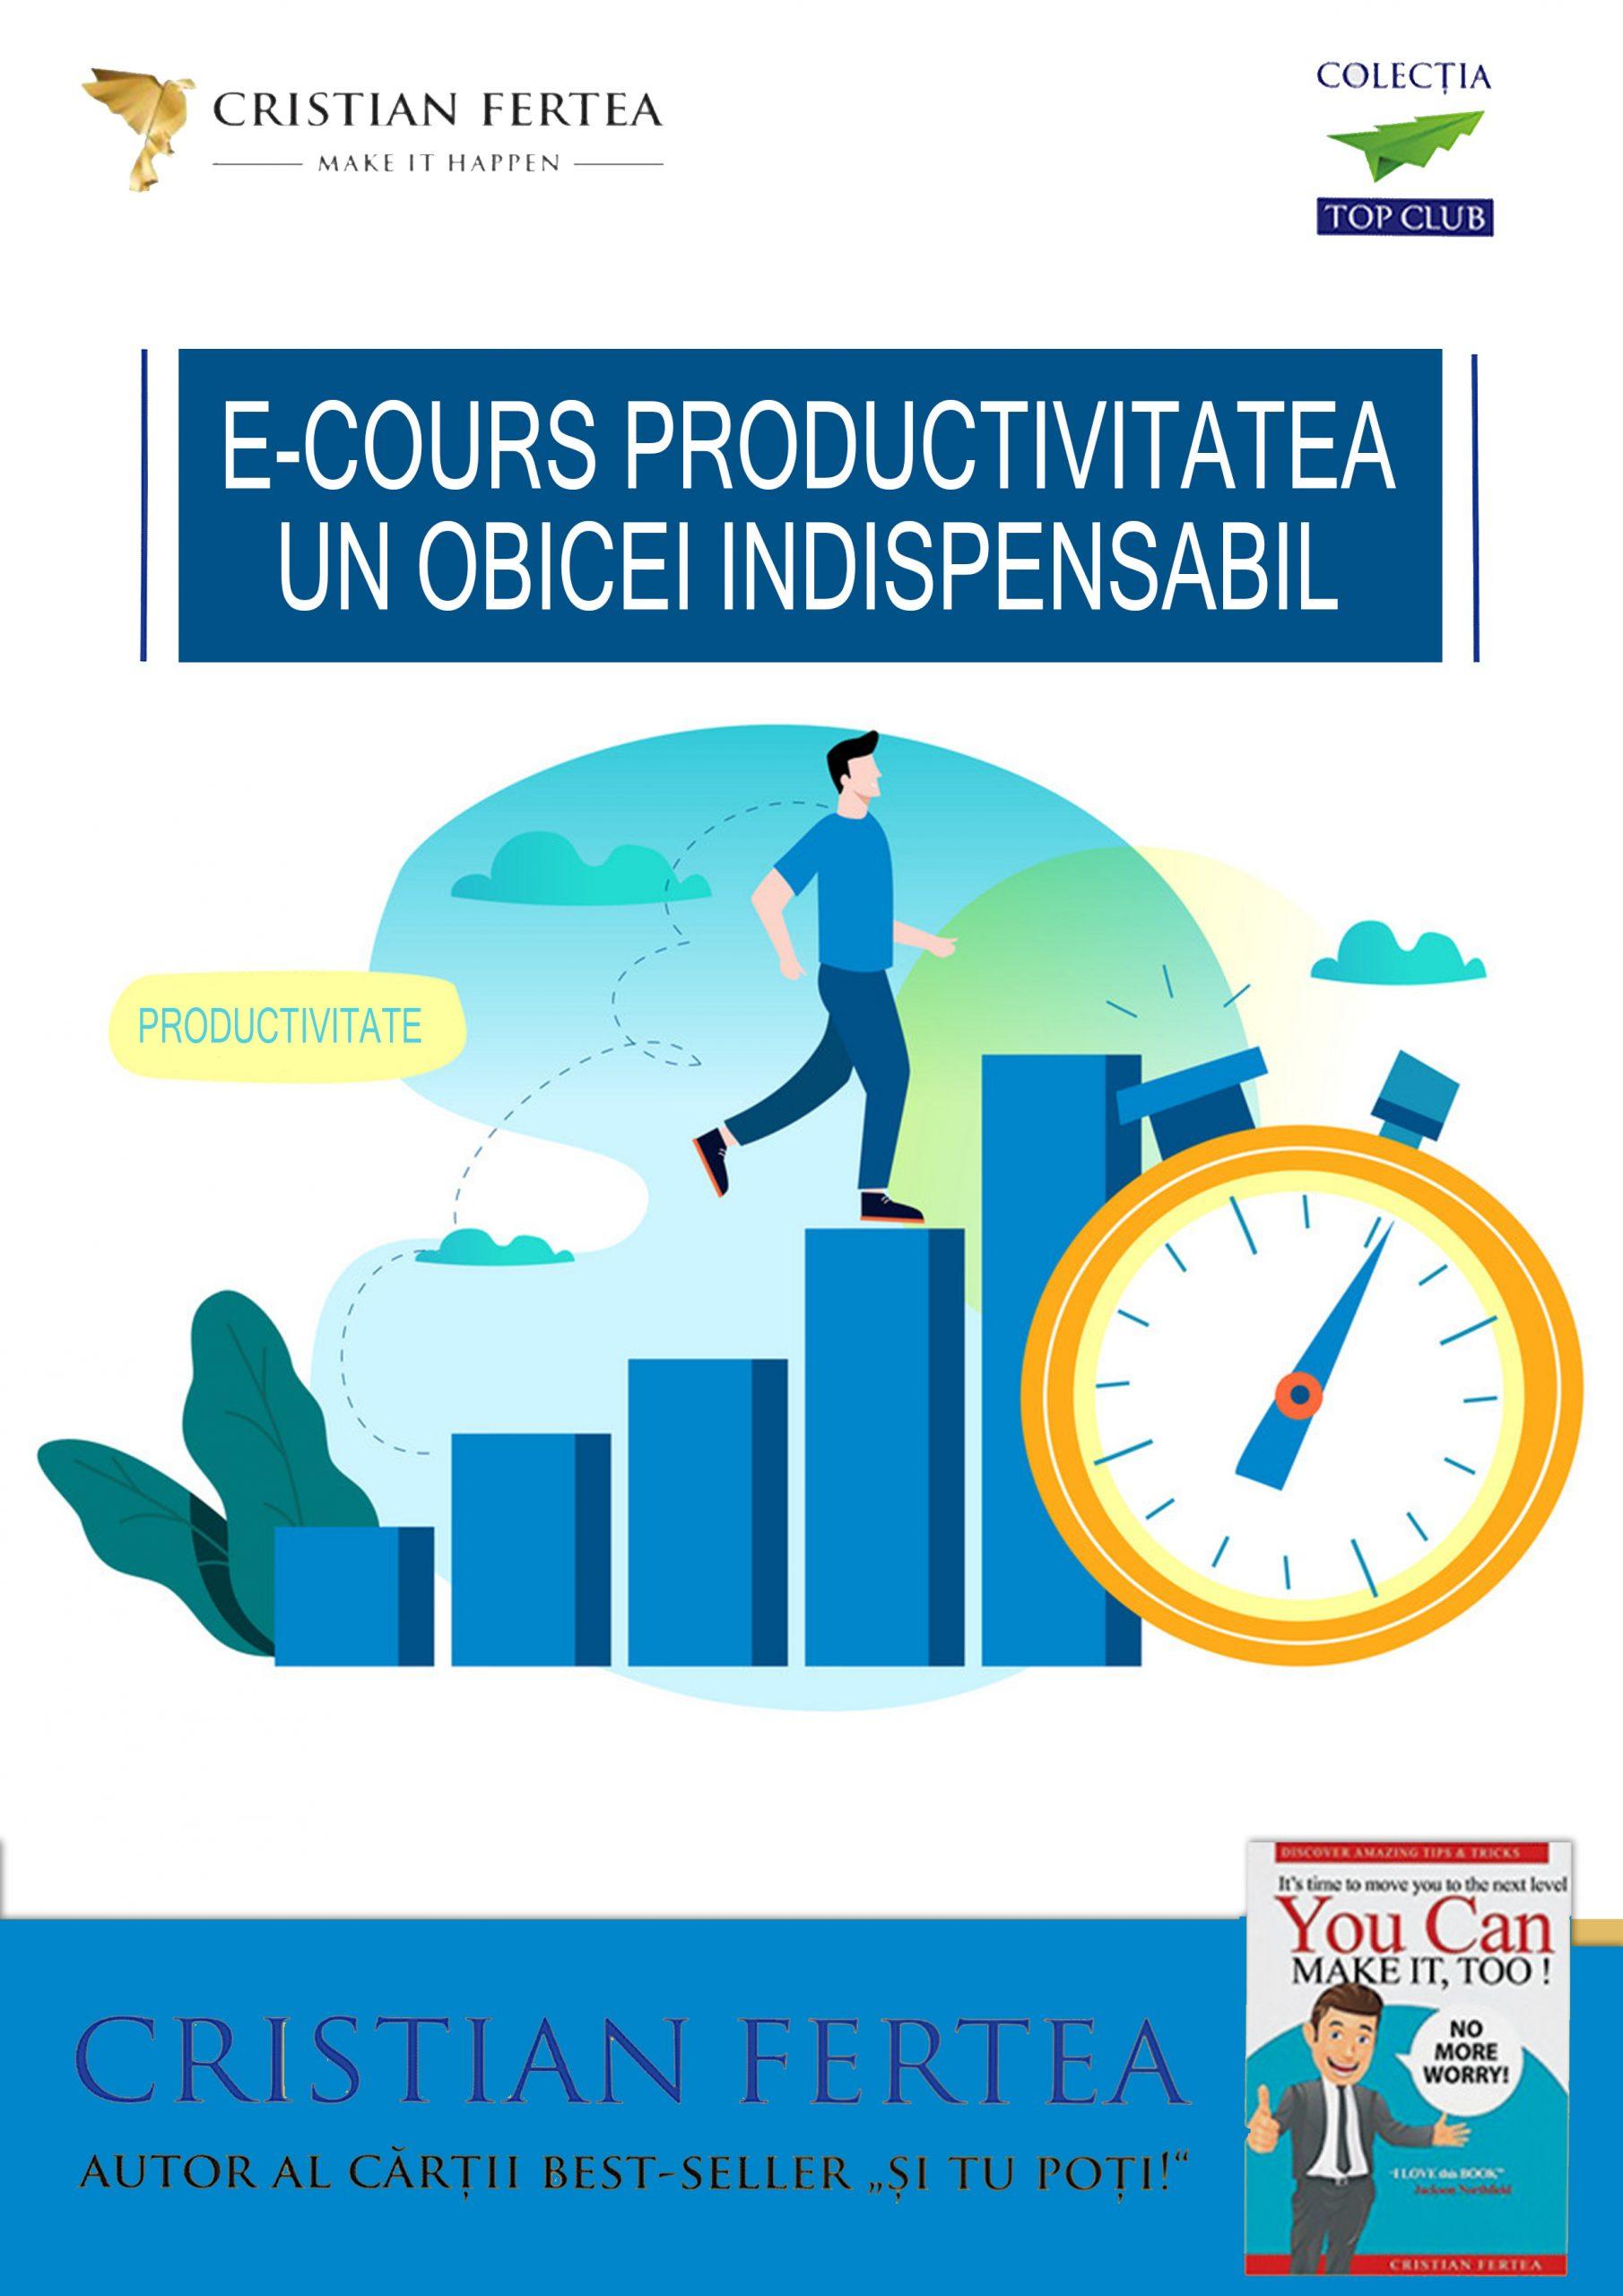 Productivitatea - Un obicei indispensabil